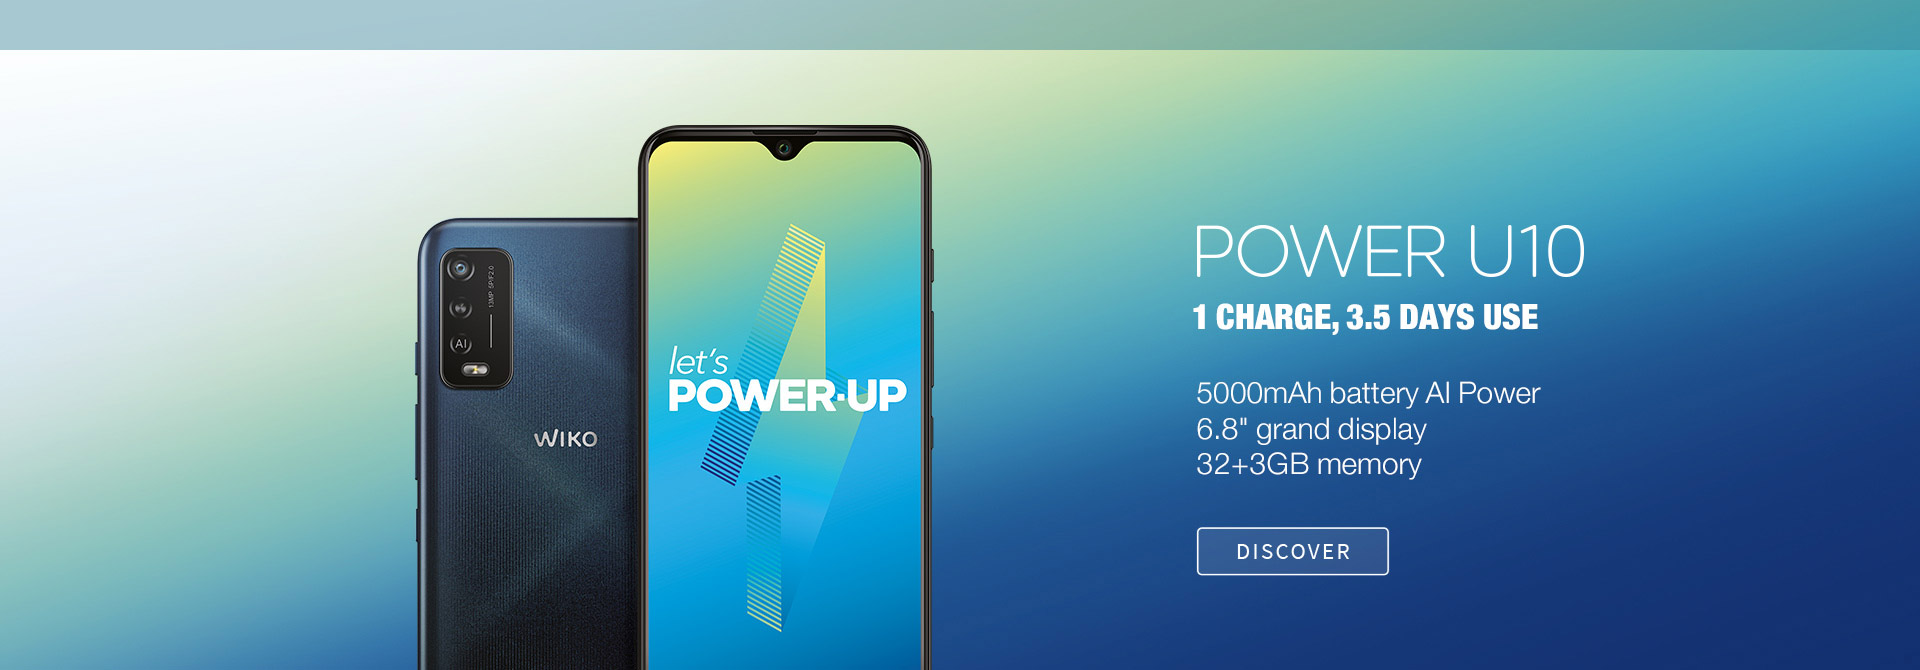 POWER U10